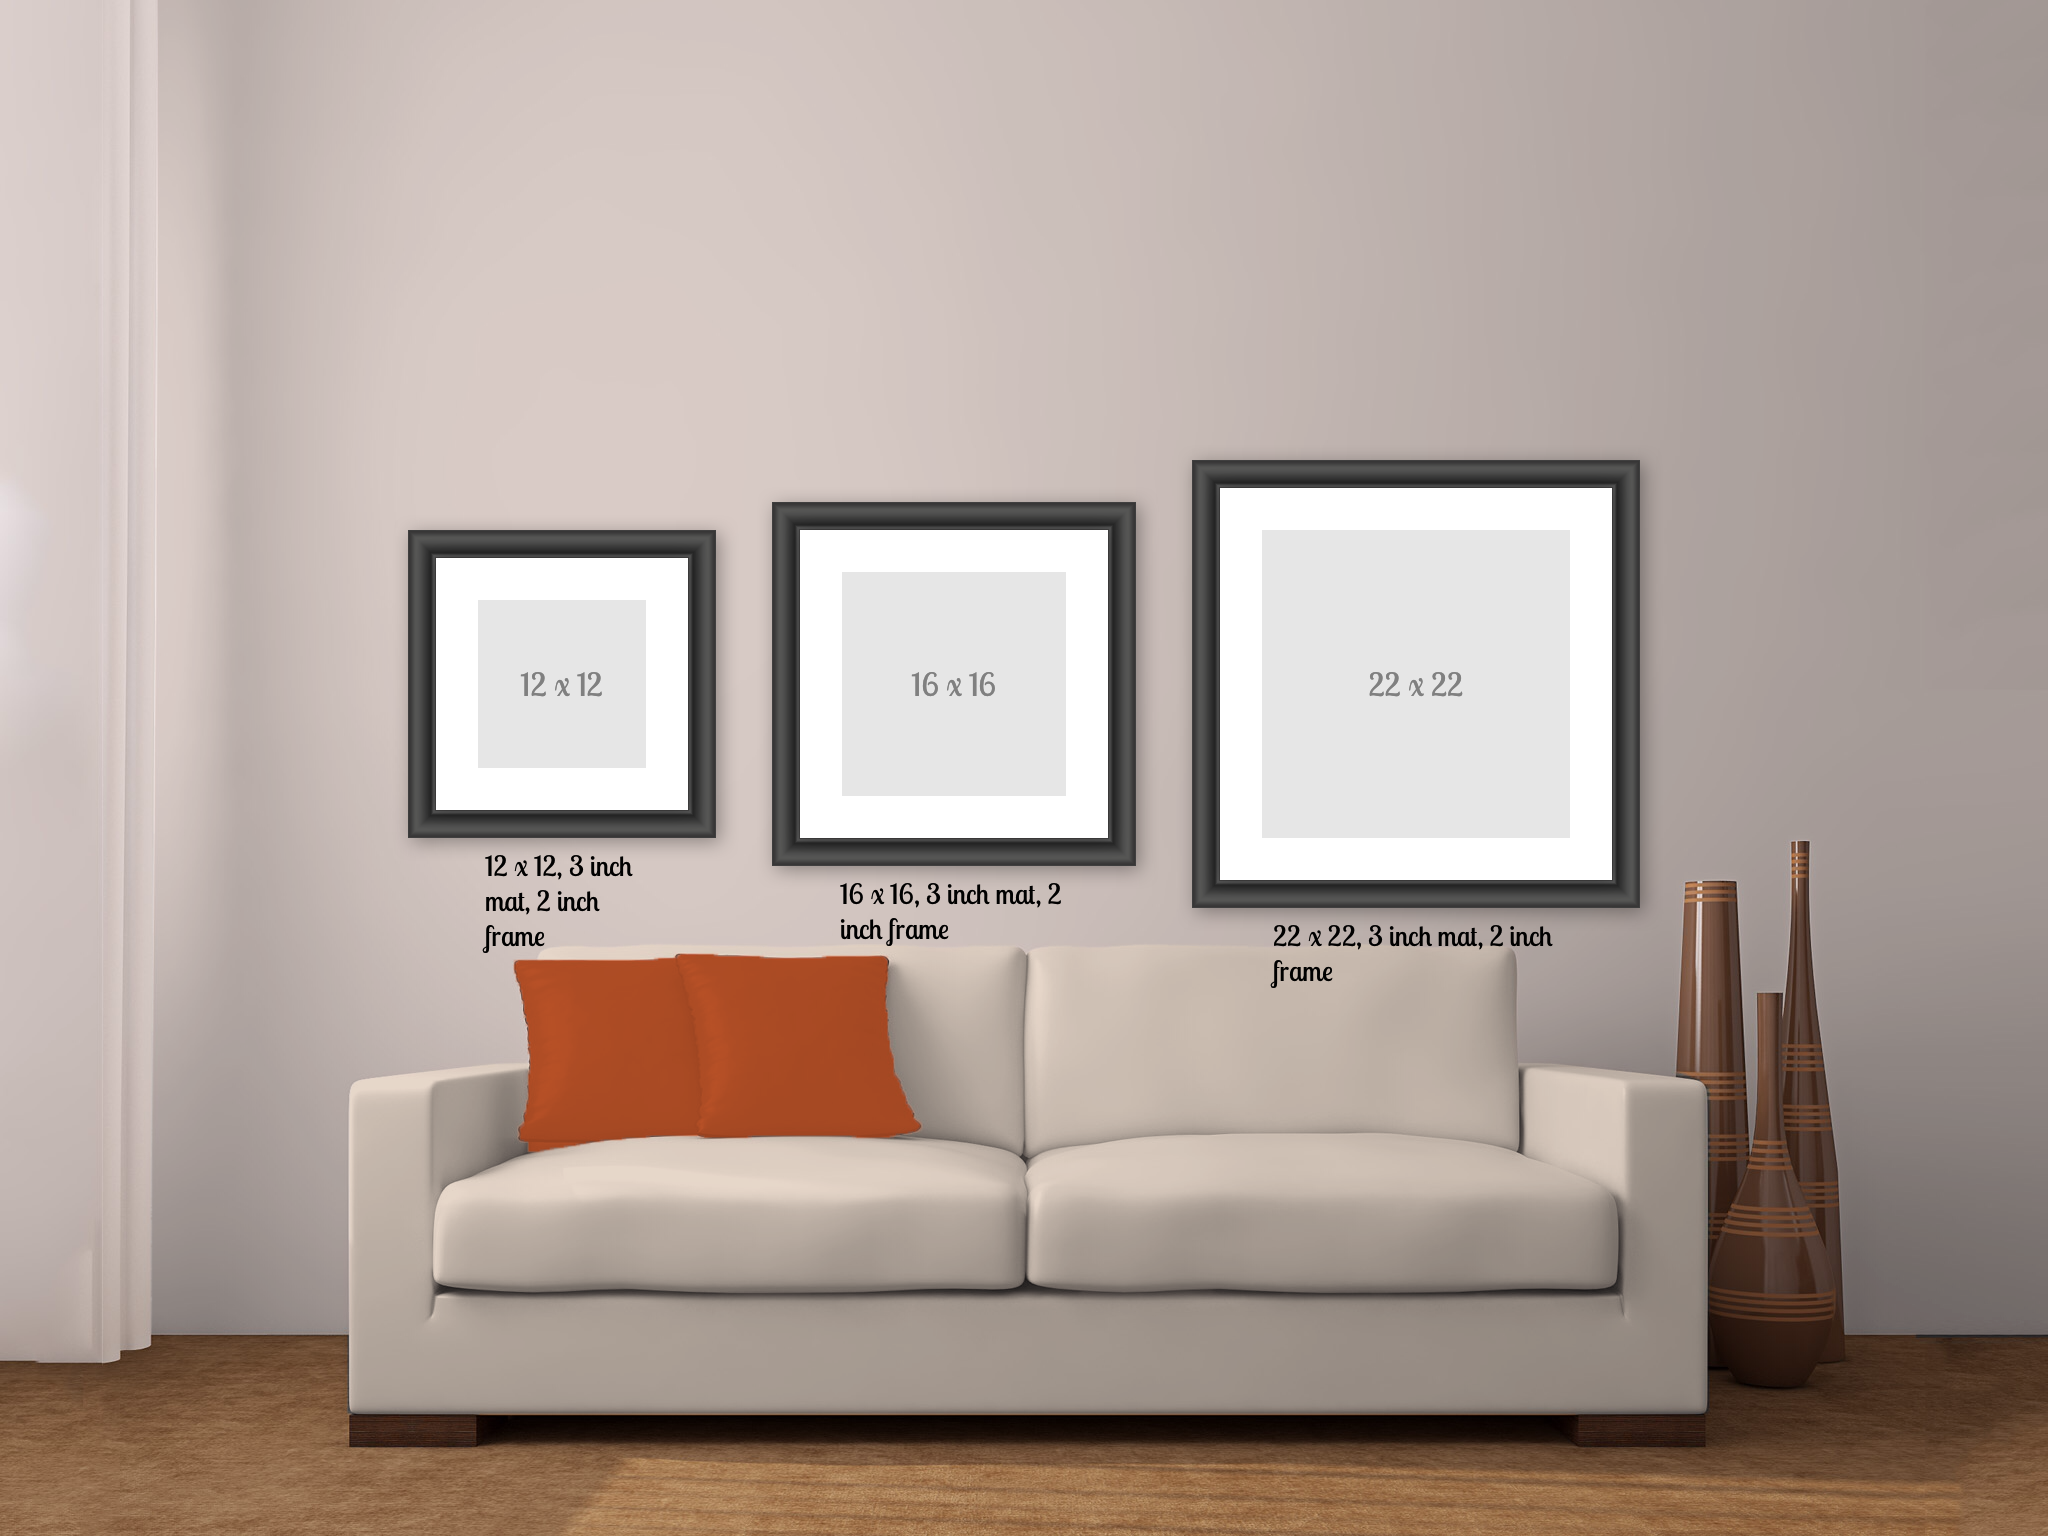 Comparaison De Trois Grandeurs De Cadres Carres Dans Le Salon 22 X 22 26 X 26 32 X 32 Home Decor Decals Home Decor Decor